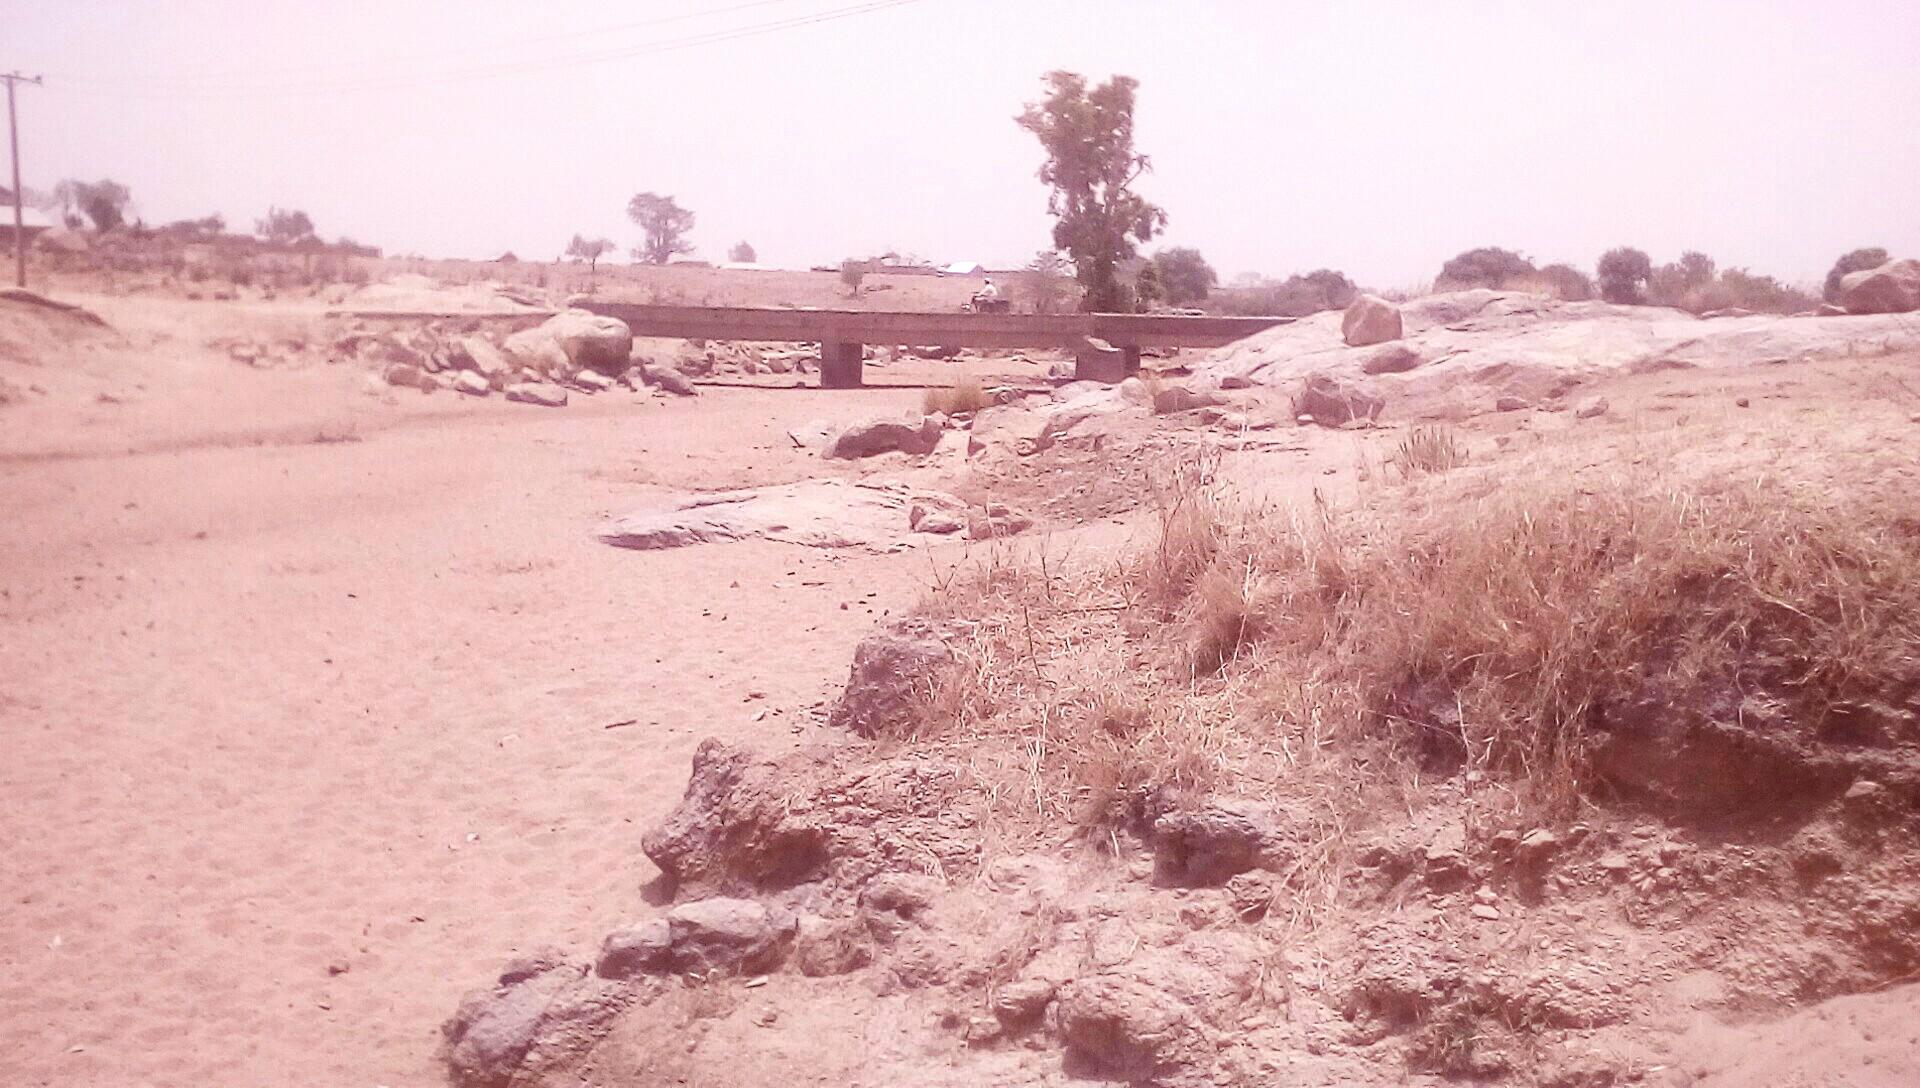 Ga'anda Bridge close to the Ga'anda town in total disrepair